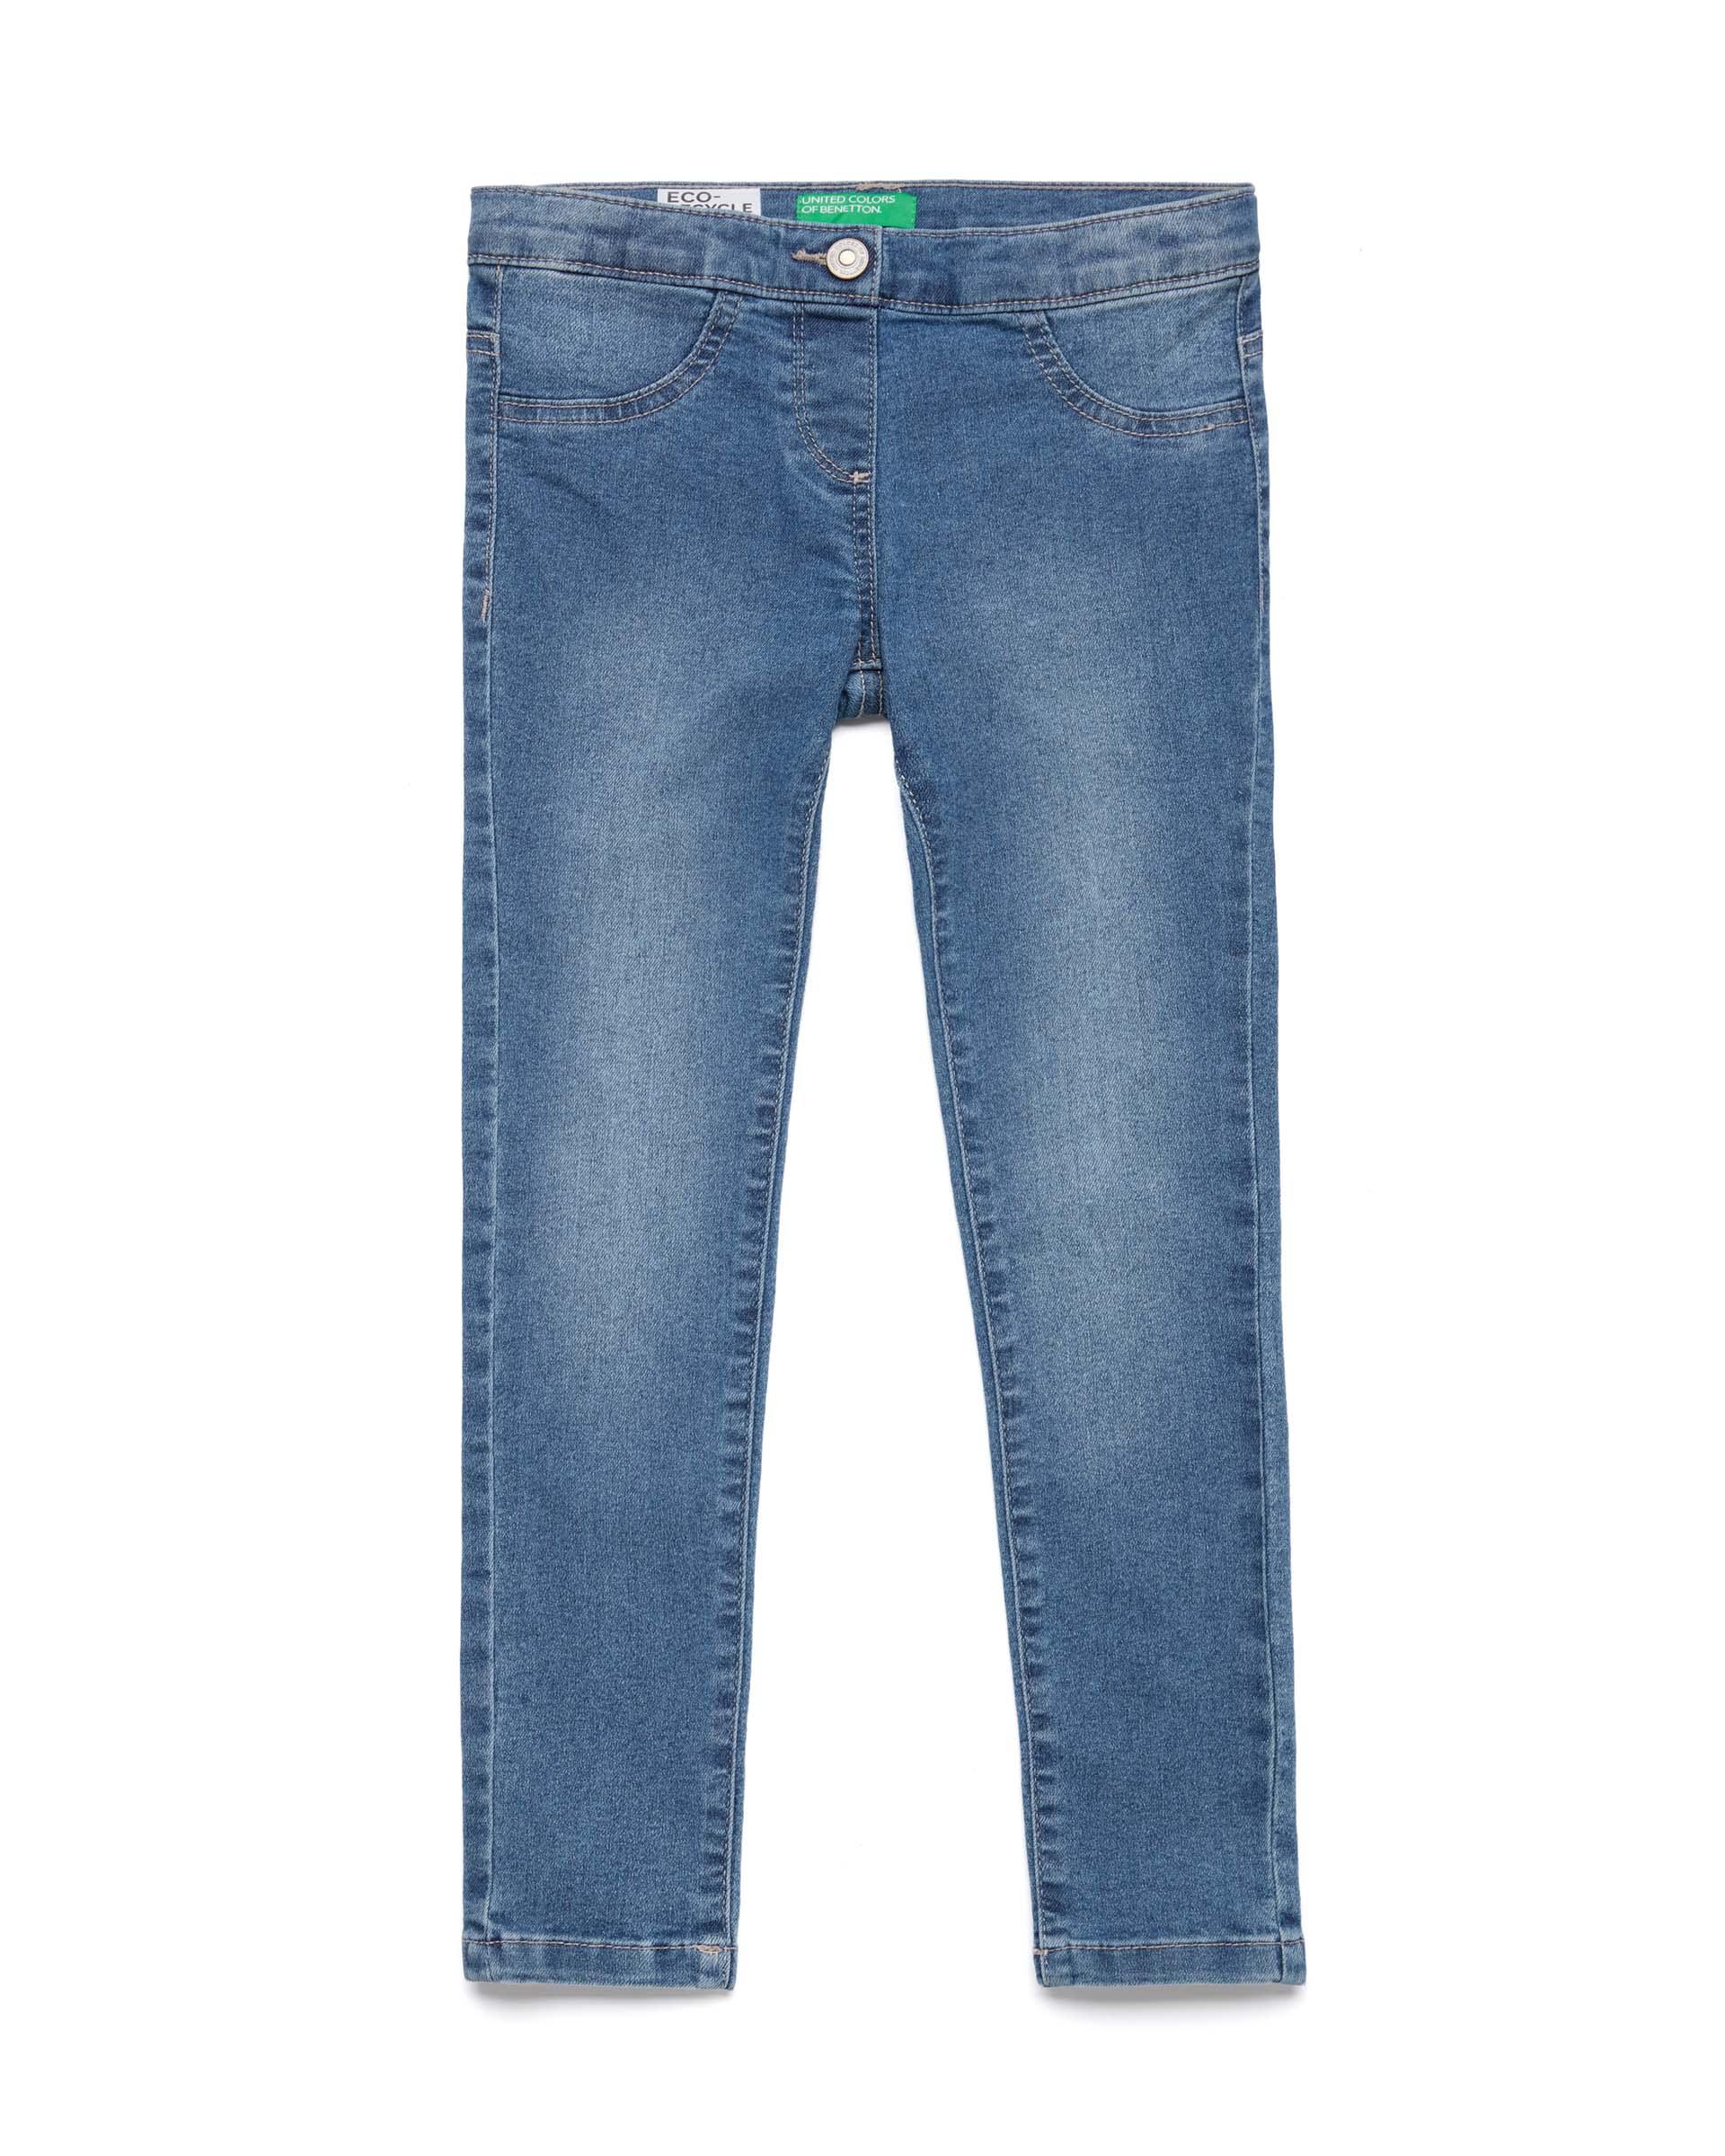 Купить 20P_4RW457LM0_902, Джинсы для девочек Benetton 4RW457LM0_902 р-р 158, United Colors of Benetton